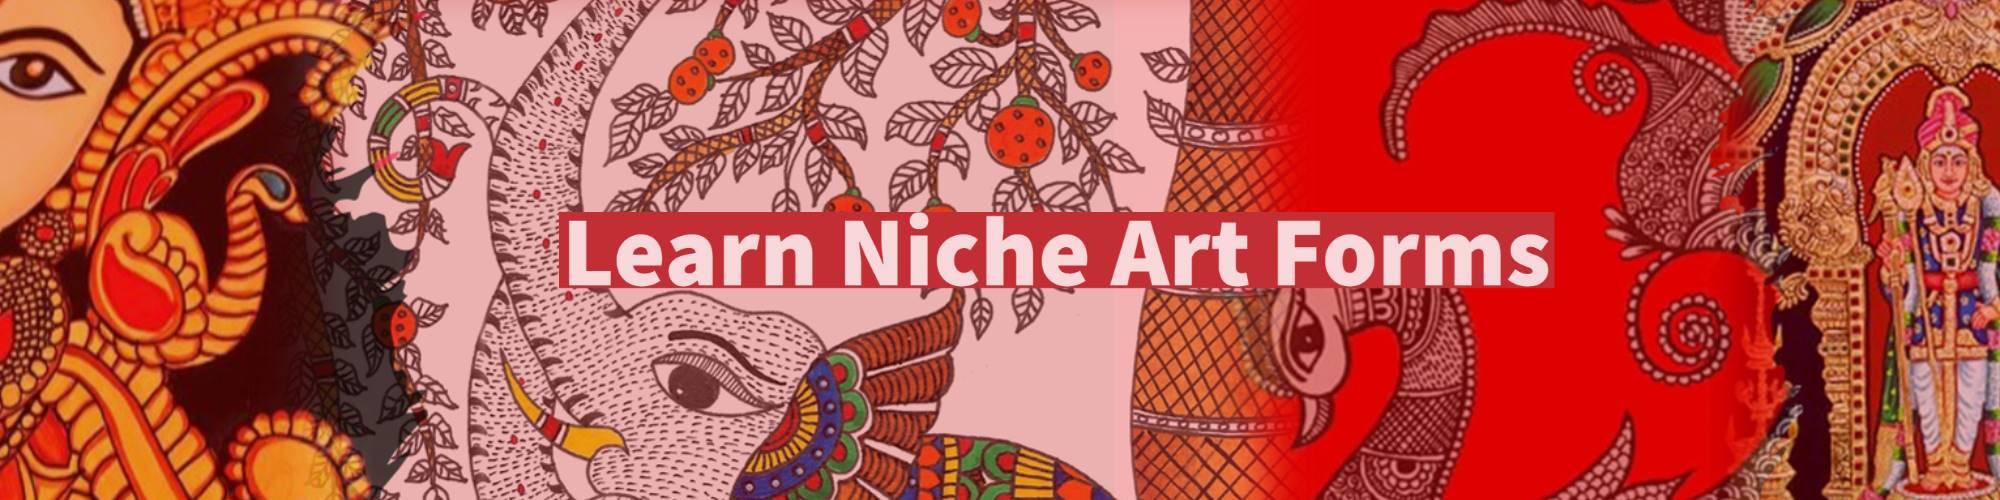 Niche art forms banner